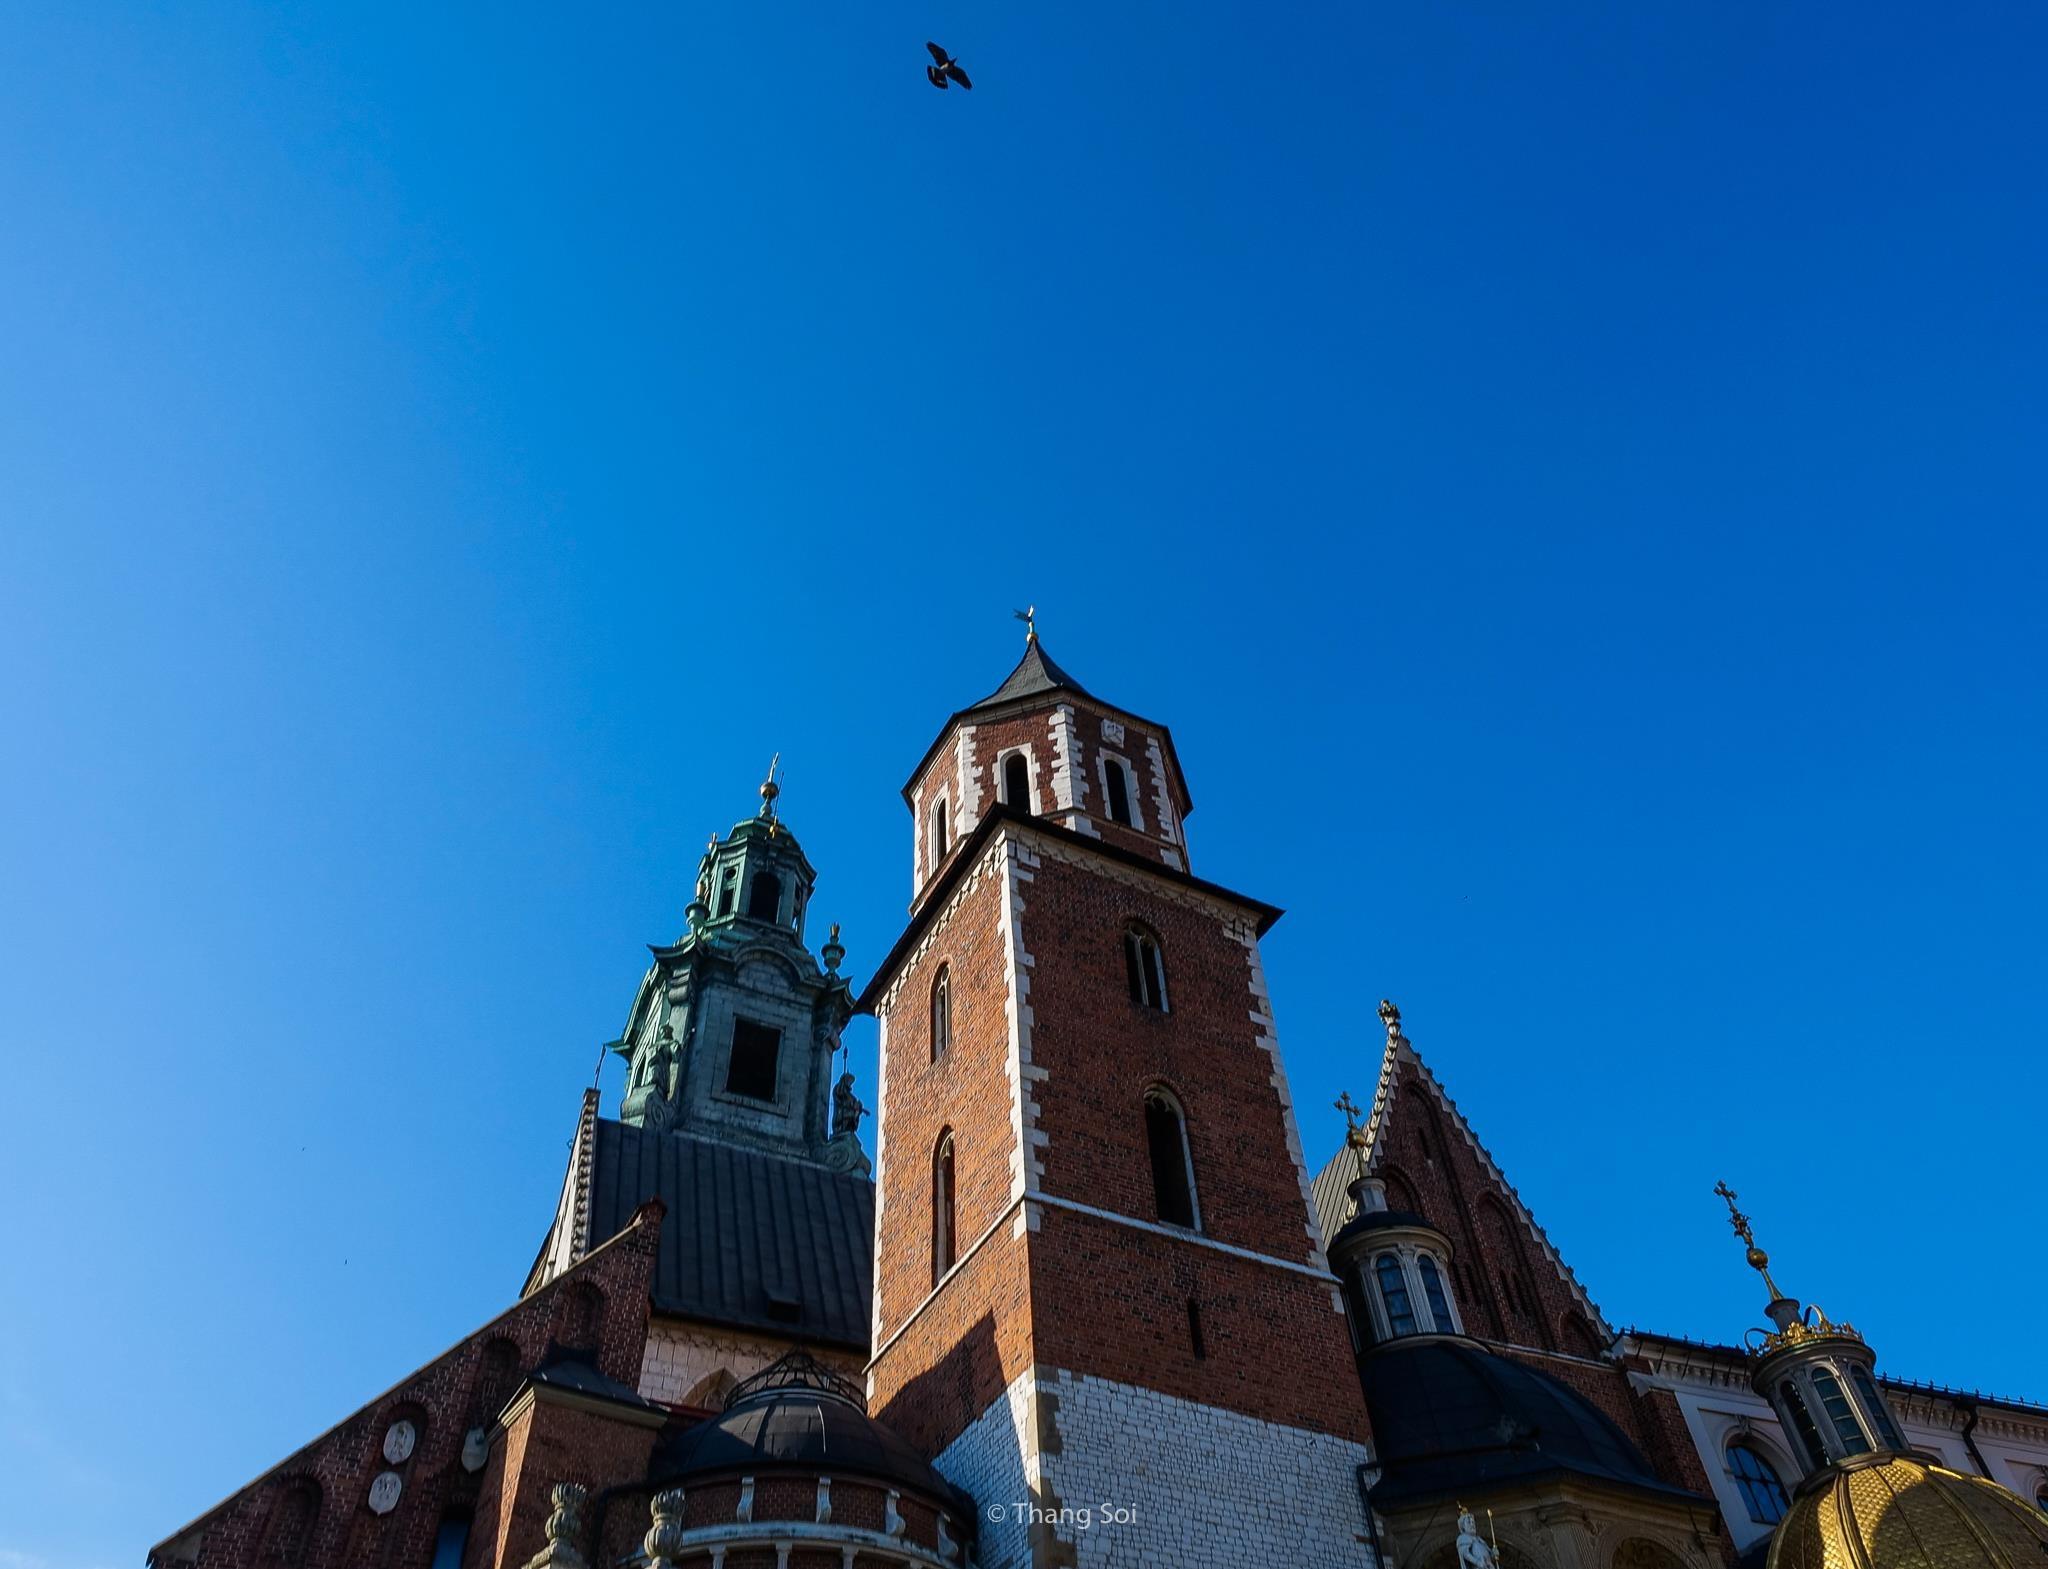 Krakow, kinh do co phai ghe tham khi den Ba Lan hinh anh 50